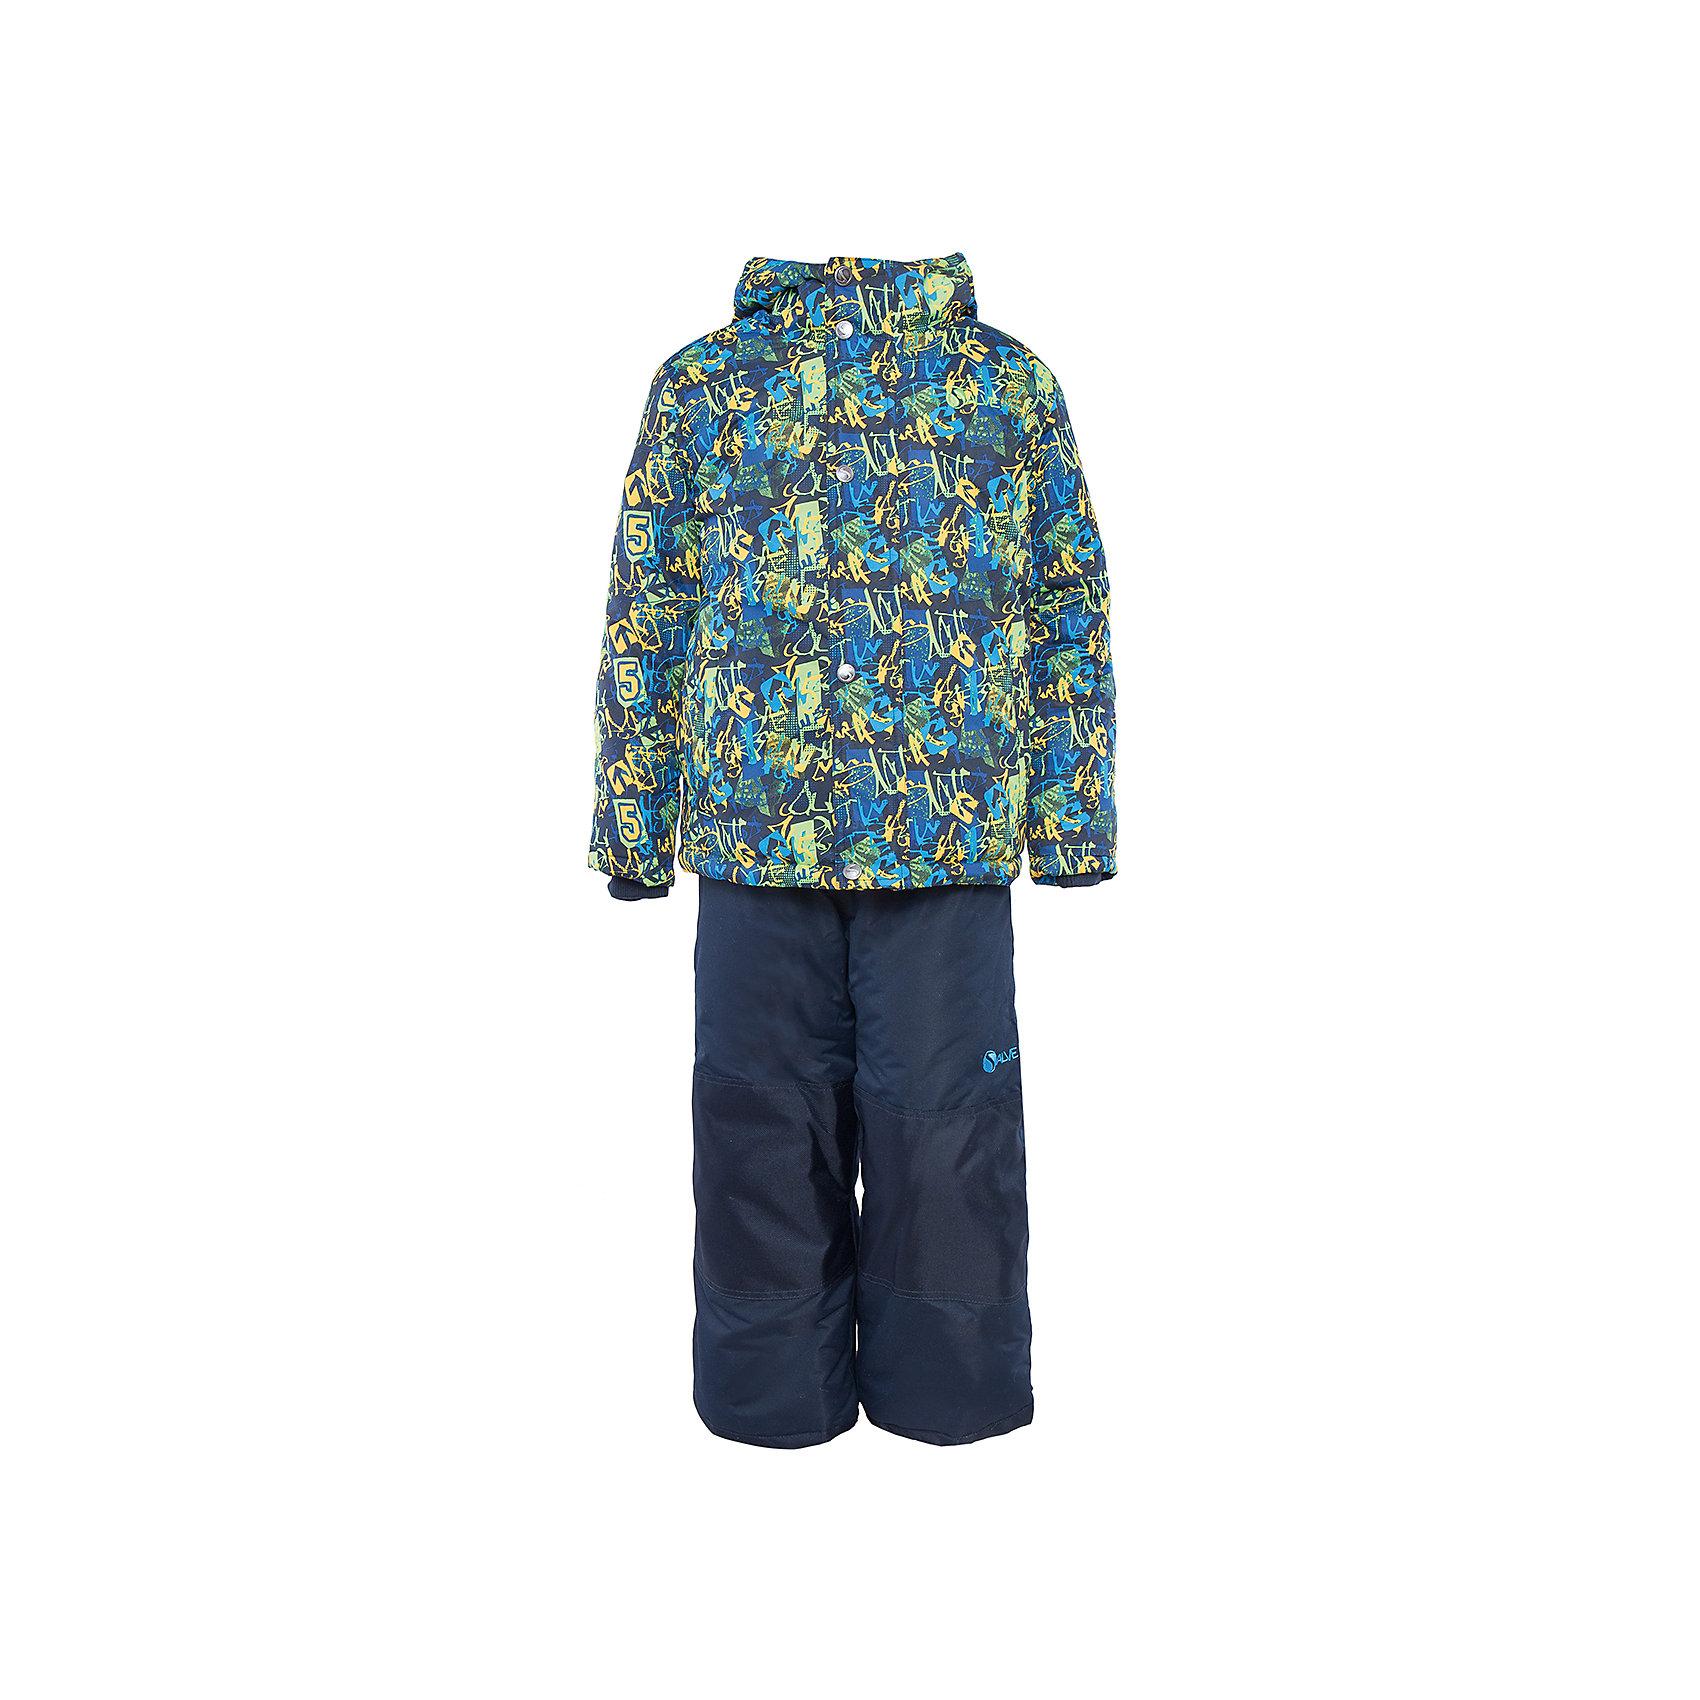 Комплект: куртка и полукомбинезон для мальчика SalveХарактеристики:<br><br>• Сезон: зима<br>• Степень утепления: высокая (куртка – 330 гр/м.кв.; полукомбинезон – 200 гр/м.кв.)<br>• Температурный режим*: от 0 до -30 градусов<br>• Пол: для мальчика<br>• Цвет: зеленый, желтый, синий<br>• Материал: полиэстер 100%<br>• Комплектация: куртка, полукомбинезон<br>• Наличие снегозащитной юбки<br>• Тип застежки: молния, кнопки<br>• Манжеты на куртке: эластичные, трикотажные<br>• Капюшон: не отстегивается<br>• Регулируемые лямки у полукомбинезона<br>• Карманы: боковые<br>• Уход: допускается стирка без чистящих и отбеливающих средств<br><br>Бренд Salve разработан и произведён канадской компанией Gusti International специально для российского рынка.<br><br>Комплект: куртка и полукомбинезон для мальчика Salve предназначен для прогулок в самое холодное время года. Изделие обеспечено высокой степенью утепления. Верхняя часть комплекта выполнена из полиэстера, который обладает ветрозащитными и влагонепропускаемыми свойствами. Подклад на куртке выполнен из флиса. Для обеспечения поддержания микроклимата имеются эластичные трикотажных манжеты на рукавах куртки и резинки на брюках. Изделие выполнено из прочной ткани, имеется усиление на коленях, по низу полукомбинезона и сзади. Крой комплекта выполнен с учетом повышенной подвижности ребенка во время зимних прогулок: расширенные брючины не сковывают движений. <br>Комплект: куртка и полукомбинезон для мальчика Salve выполнен в ярком дизайне: куртка с разноцветными графическими элементами и полукомбинезон в классическом темном цвете.<br><br>Комплект: куртку и полукомбинезон для мальчика Salve можно купить в нашем интернет-магазине.<br><br>Ширина мм: 356<br>Глубина мм: 10<br>Высота мм: 245<br>Вес г: 519<br>Цвет: синий<br>Возраст от месяцев: 72<br>Возраст до месяцев: 84<br>Пол: Мужской<br>Возраст: Детский<br>Размер: 122,128,116<br>SKU: 5044723